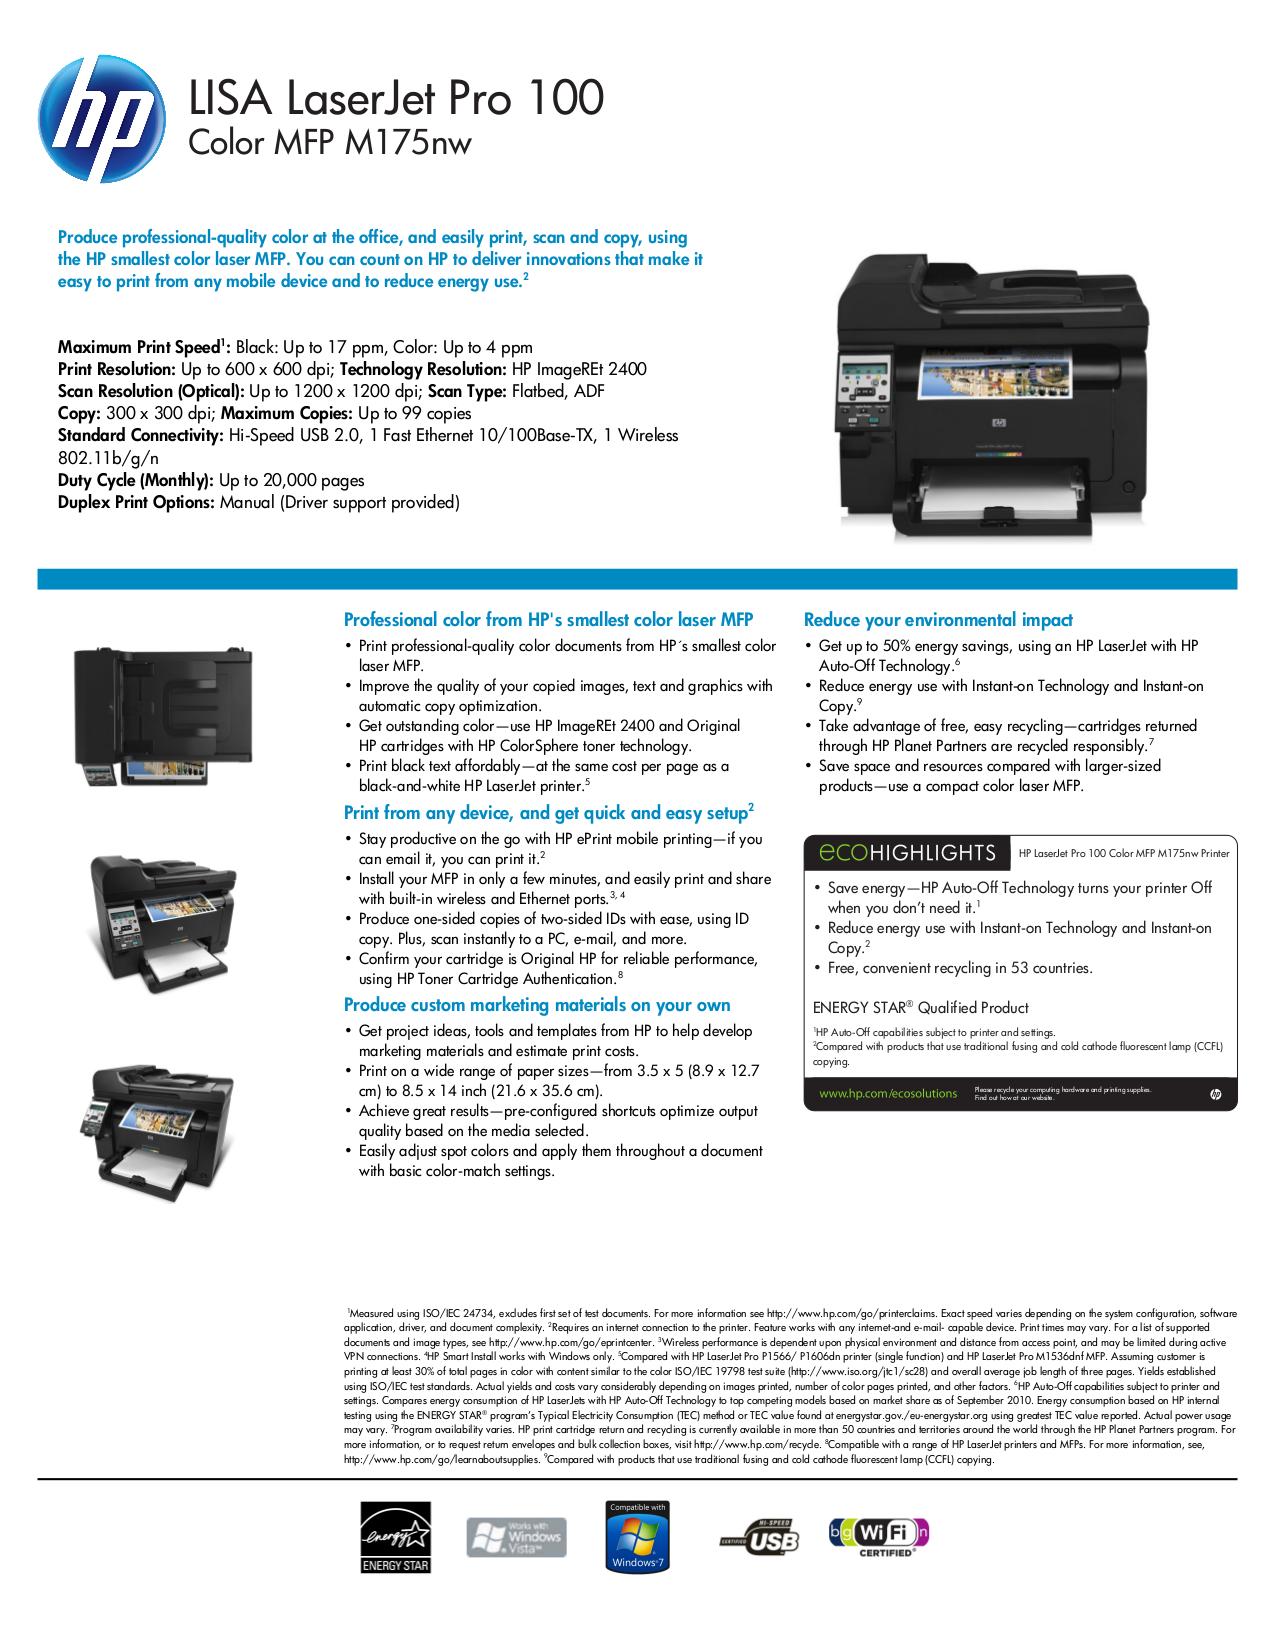 download free pdf for hp laserjet color laserjet pro p1606dn printer rh umlib com hp laserjet professional p1606dn manual hp laserjet pro p1606dn manual download